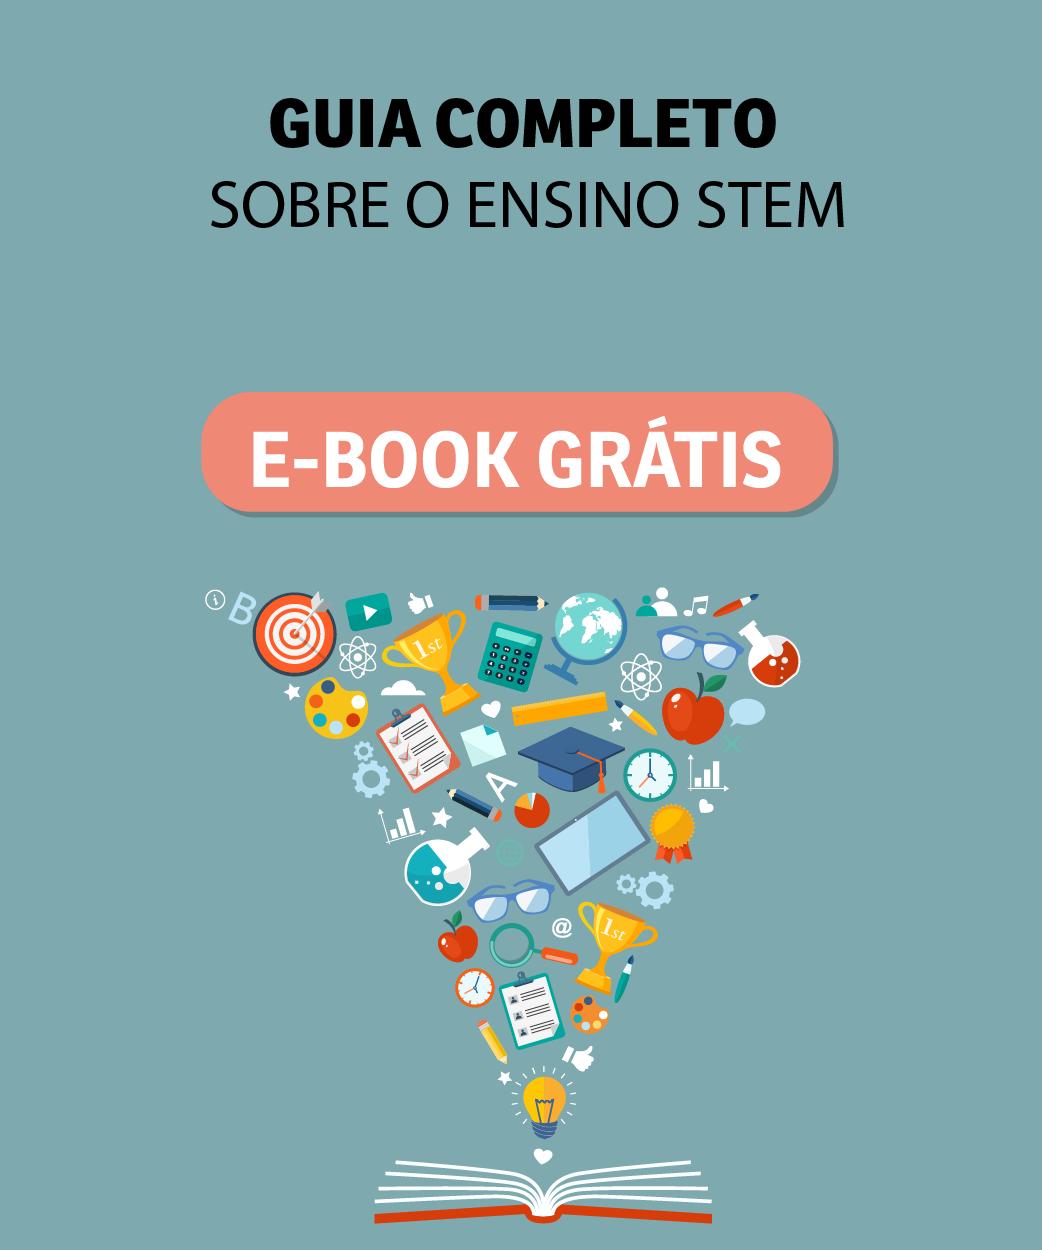 Guia completo sobre o Ensino STEM